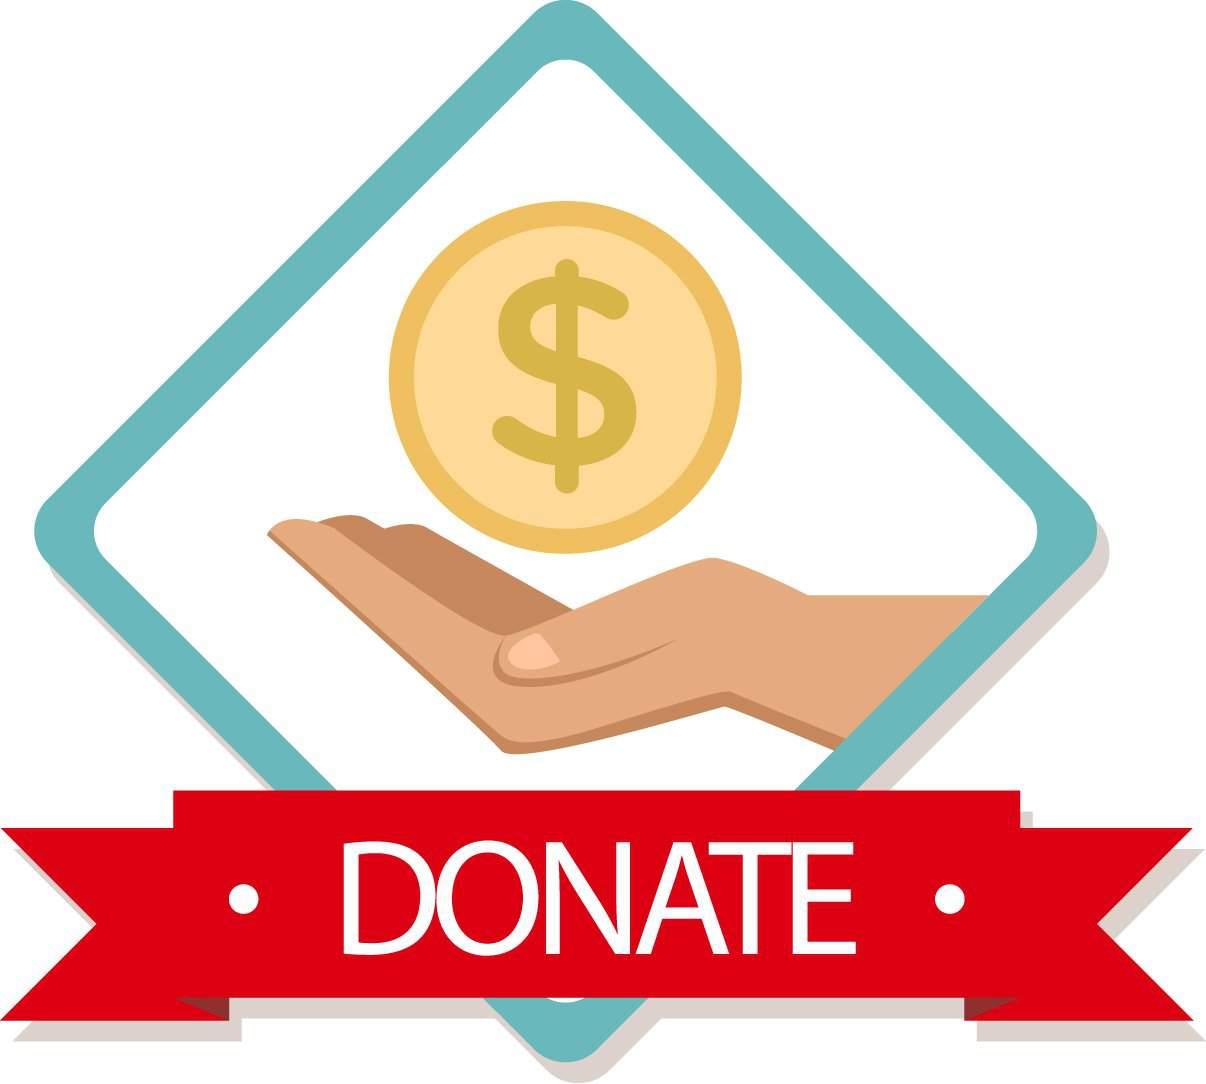 Что такое донат?. виды доната. что такое донат и зачем он нужен? донат в играх и на стримах